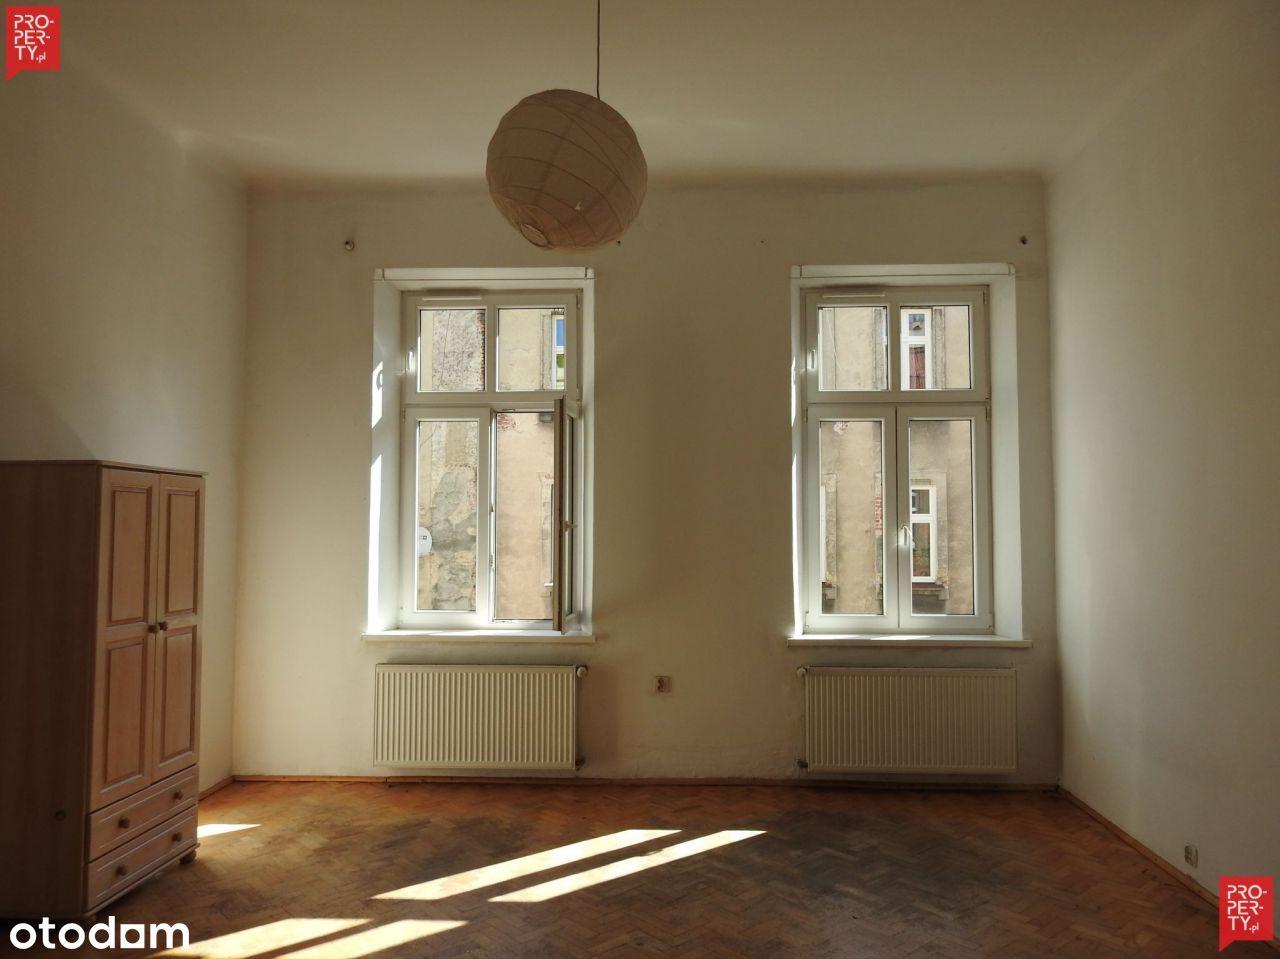 Mieszkanie 2w1 w centrum Krakowa do remontu